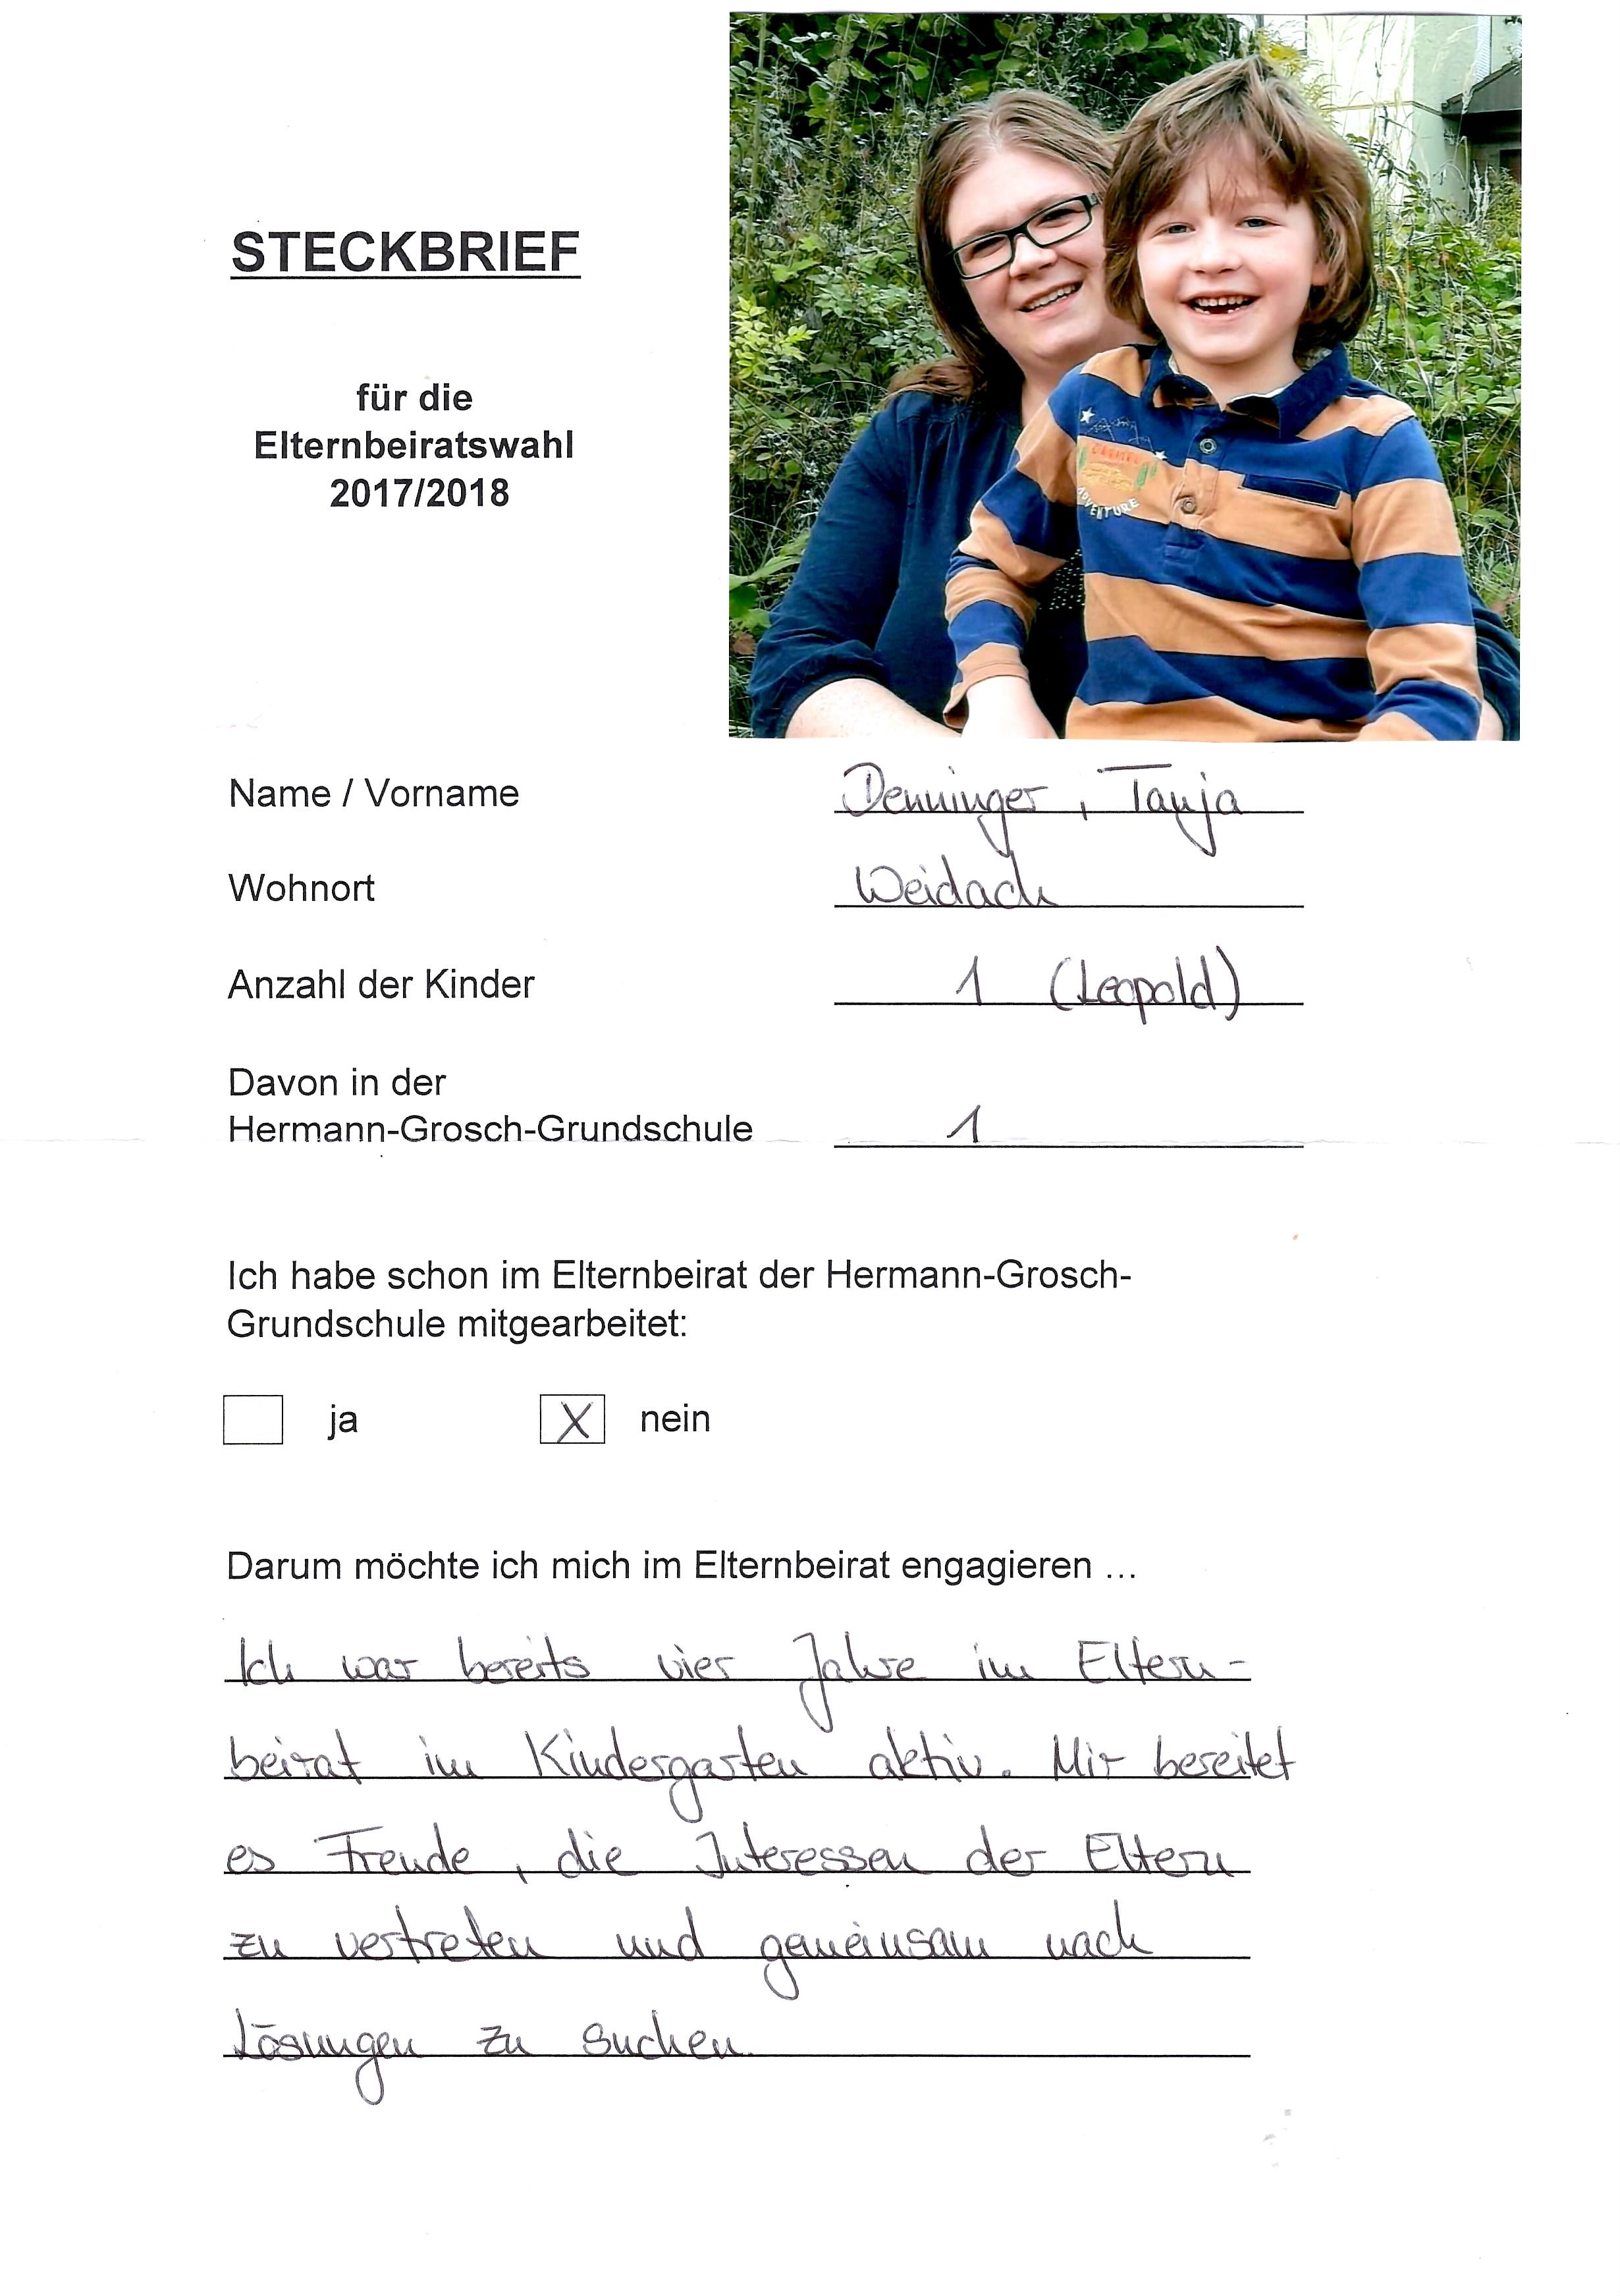 Elternbeirat Kita Steckbrief